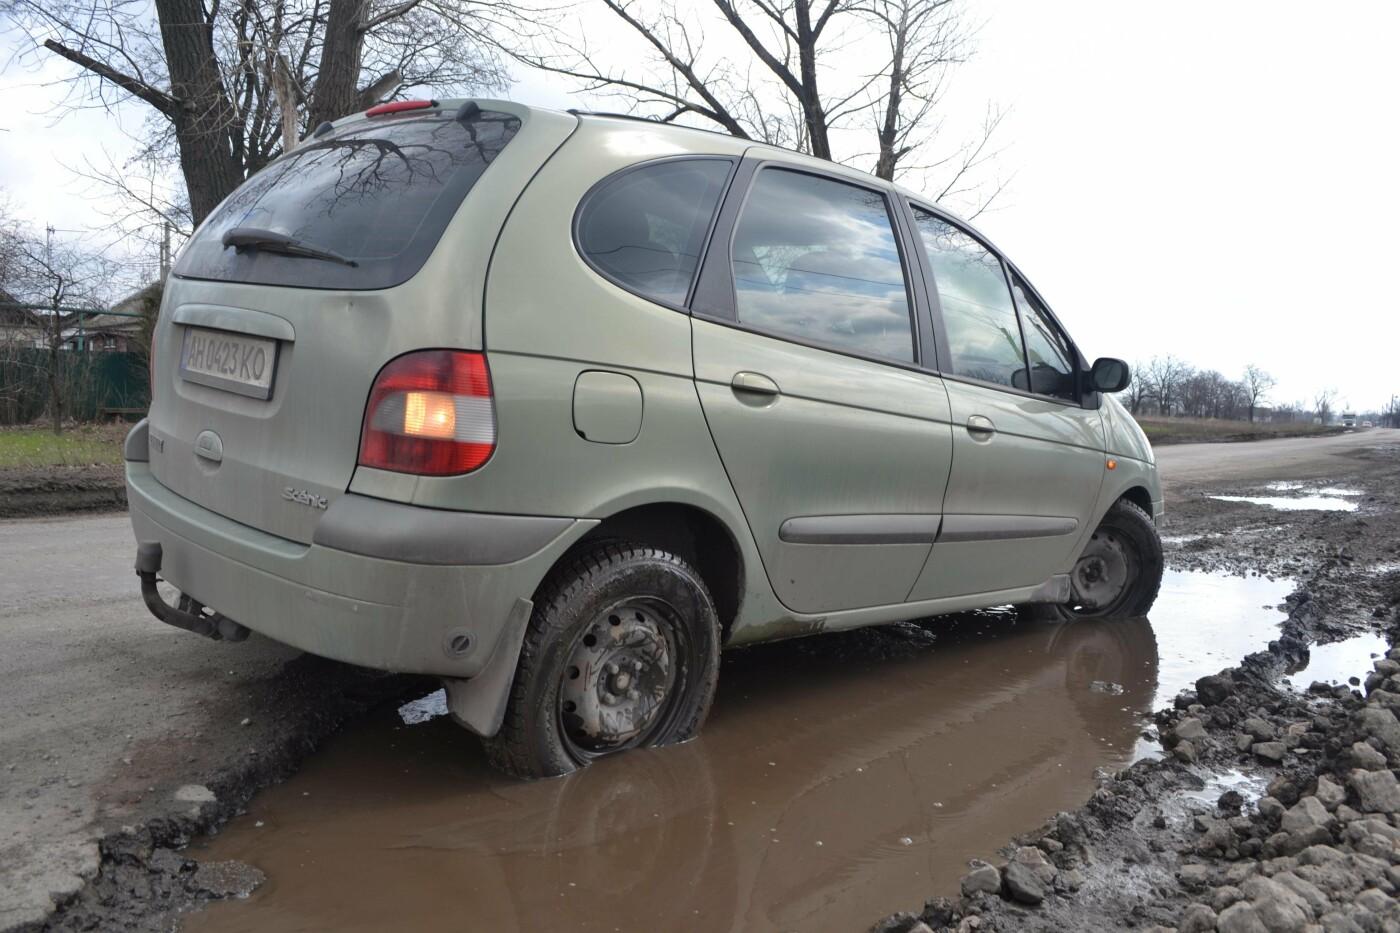 Попал в яму — сам виноват: копы составили протокол на водителя из Покровска, который, въехав в яму, повредил авто, фото-26